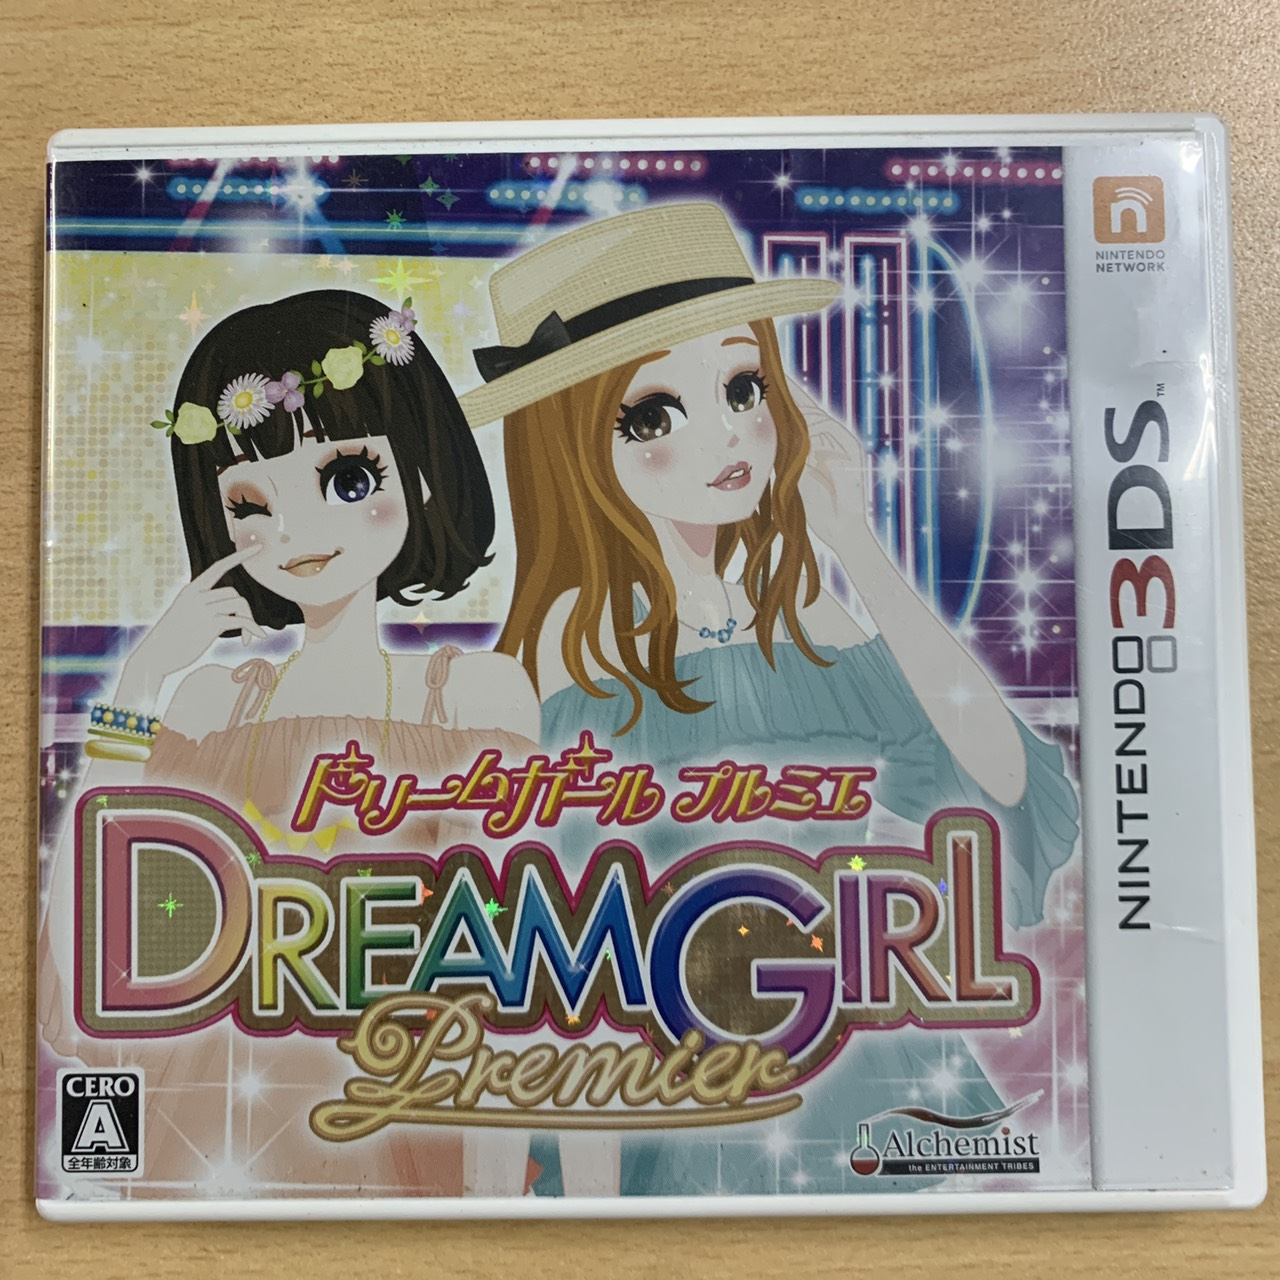 【飛力屋】現貨不必等 可刷卡 日版 任天堂 3DS 夢幻女孩 特別篇 dream girl premier 日規 純日版